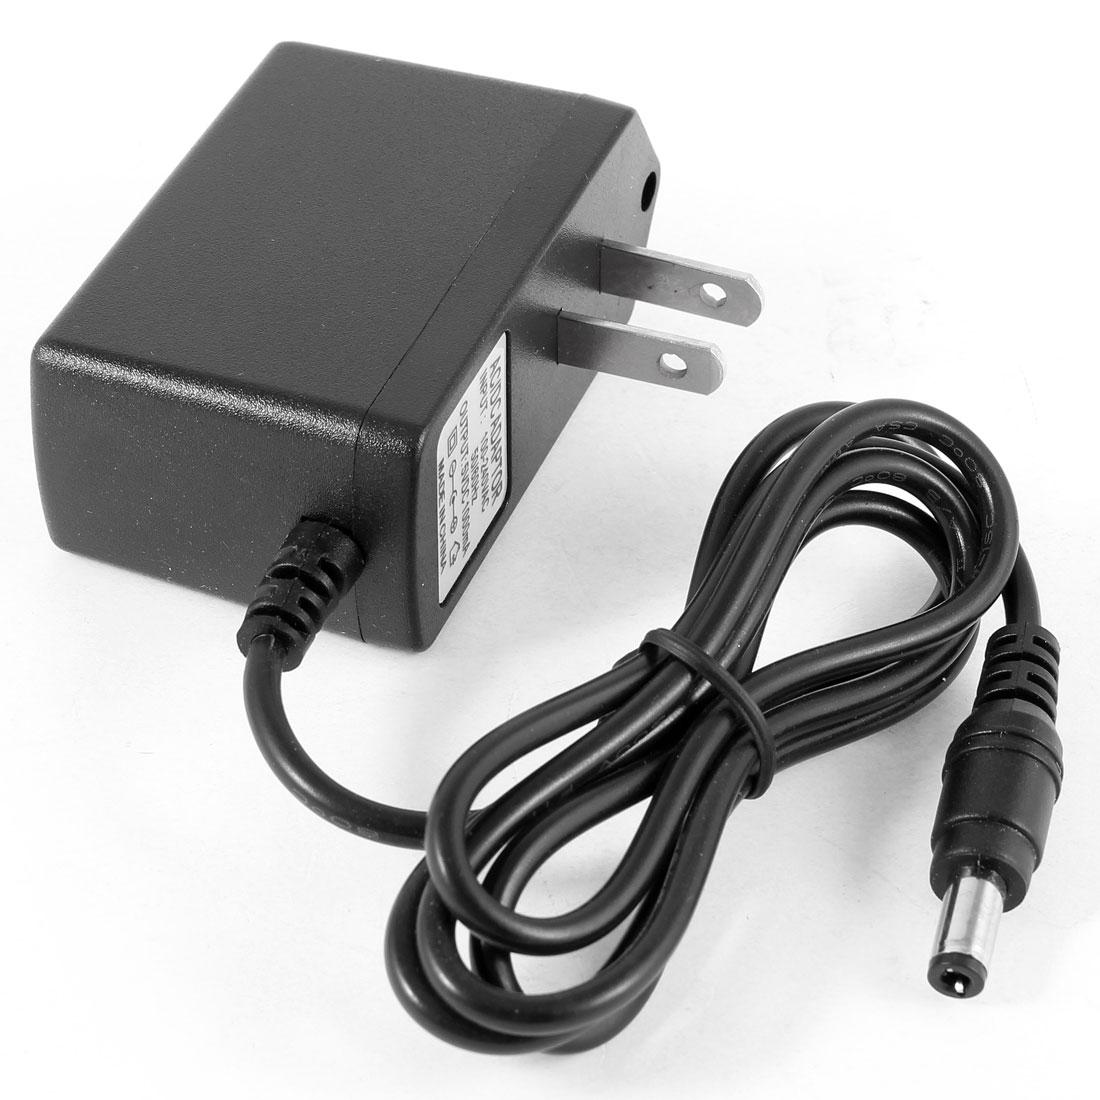 US Plug 100V-240V AC Input 5V 1A DC Output Power Adapter for CCTV IP Camera